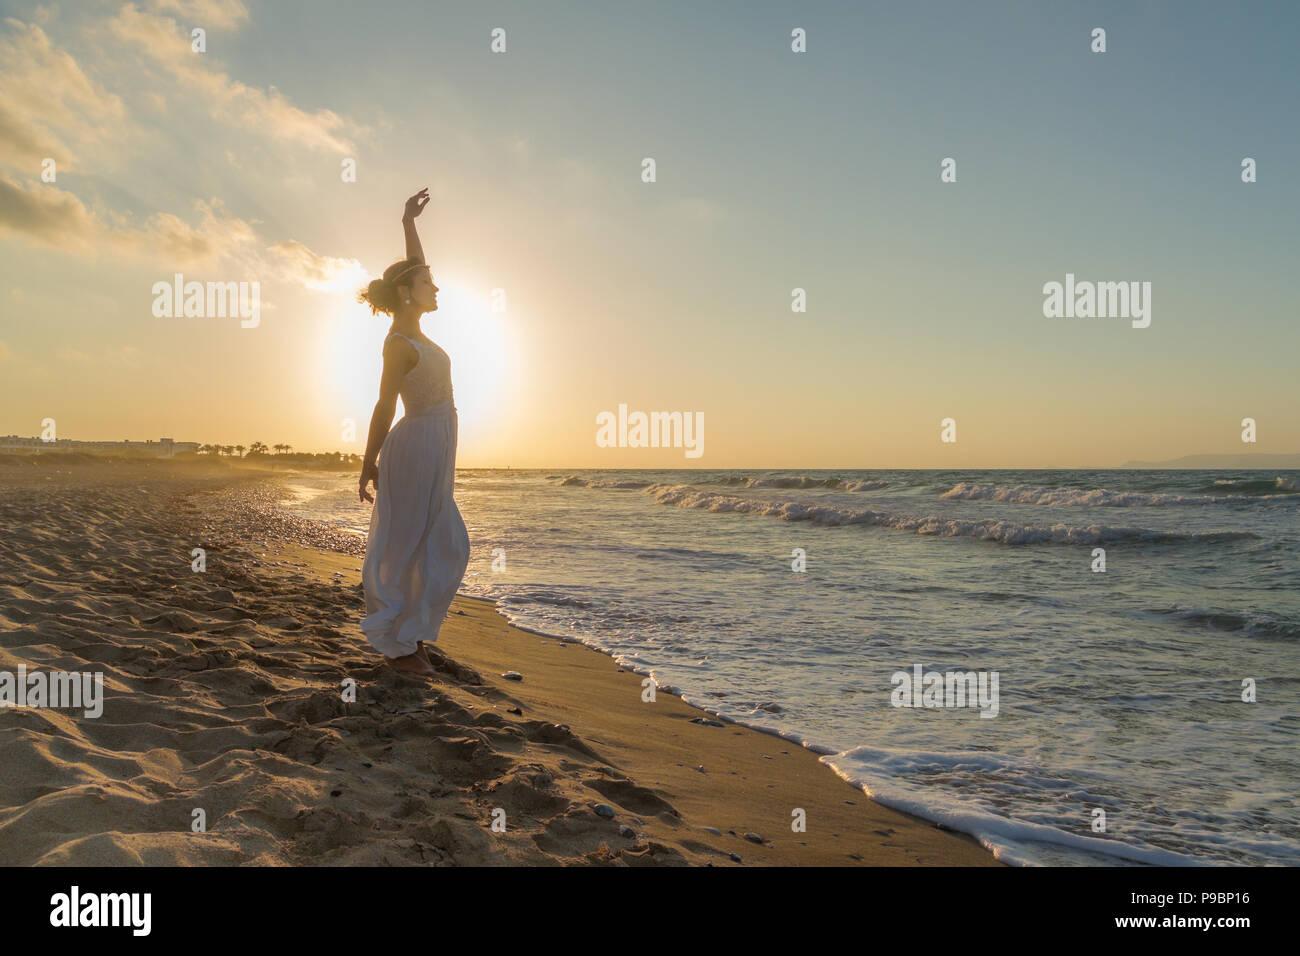 Mujer con los brazos levantados, descalzos, sentirse feliz, vivo y libre en la naturaleza meditando en sandy Misty Beach respirar aire fresco del océano limpio al anochecer. Vacaciones de verano concepto de estilo de vida Imagen De Stock